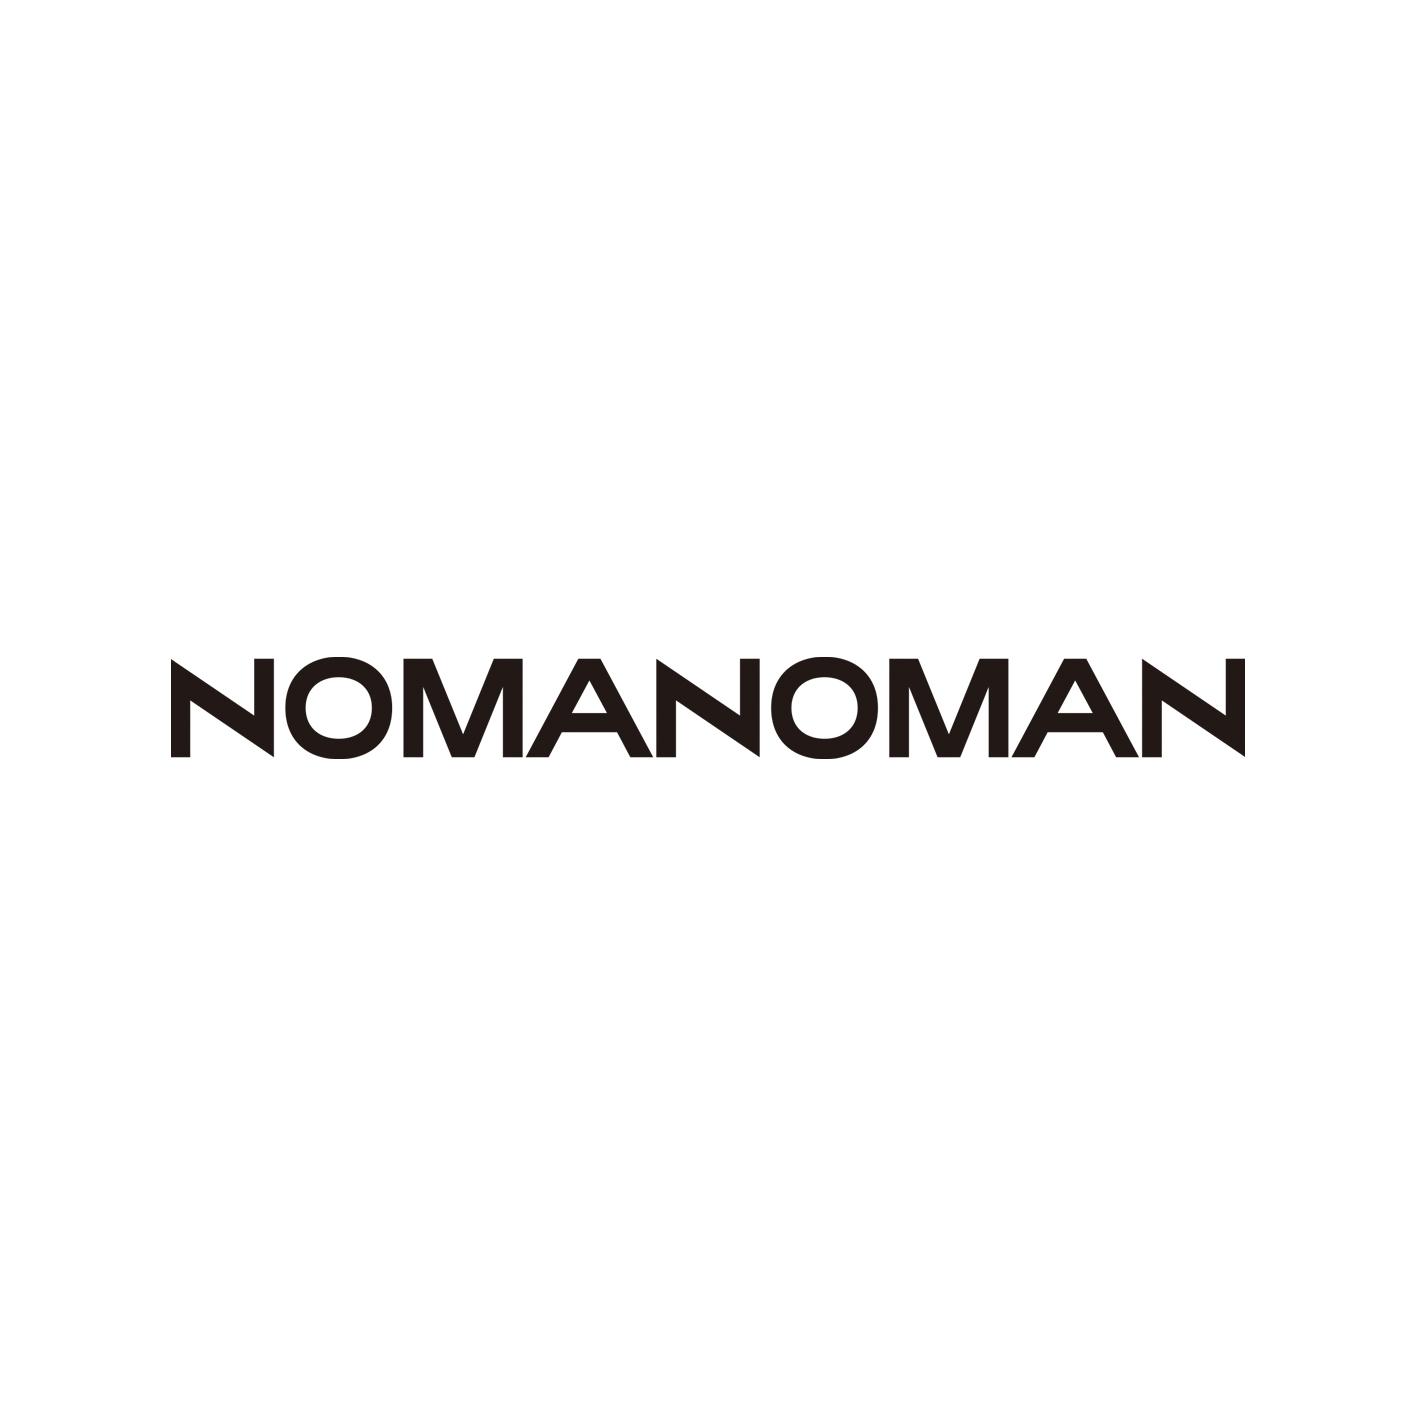 所有商品 - NOMANOMAN OFFICAL